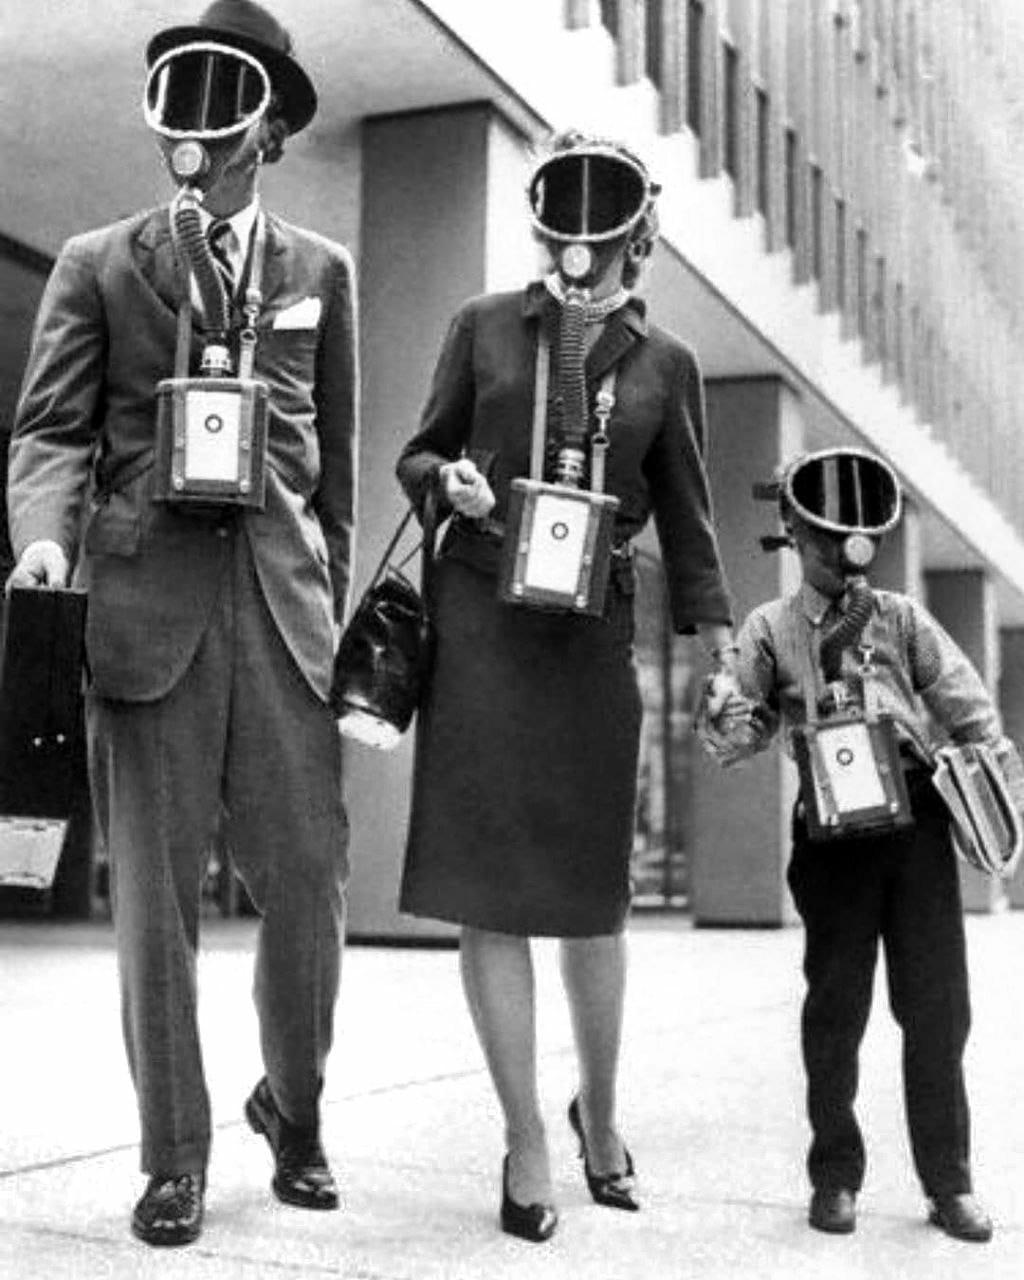 Концепт одежды для всей семьи времён холодной войны, Англия, 1963 год.